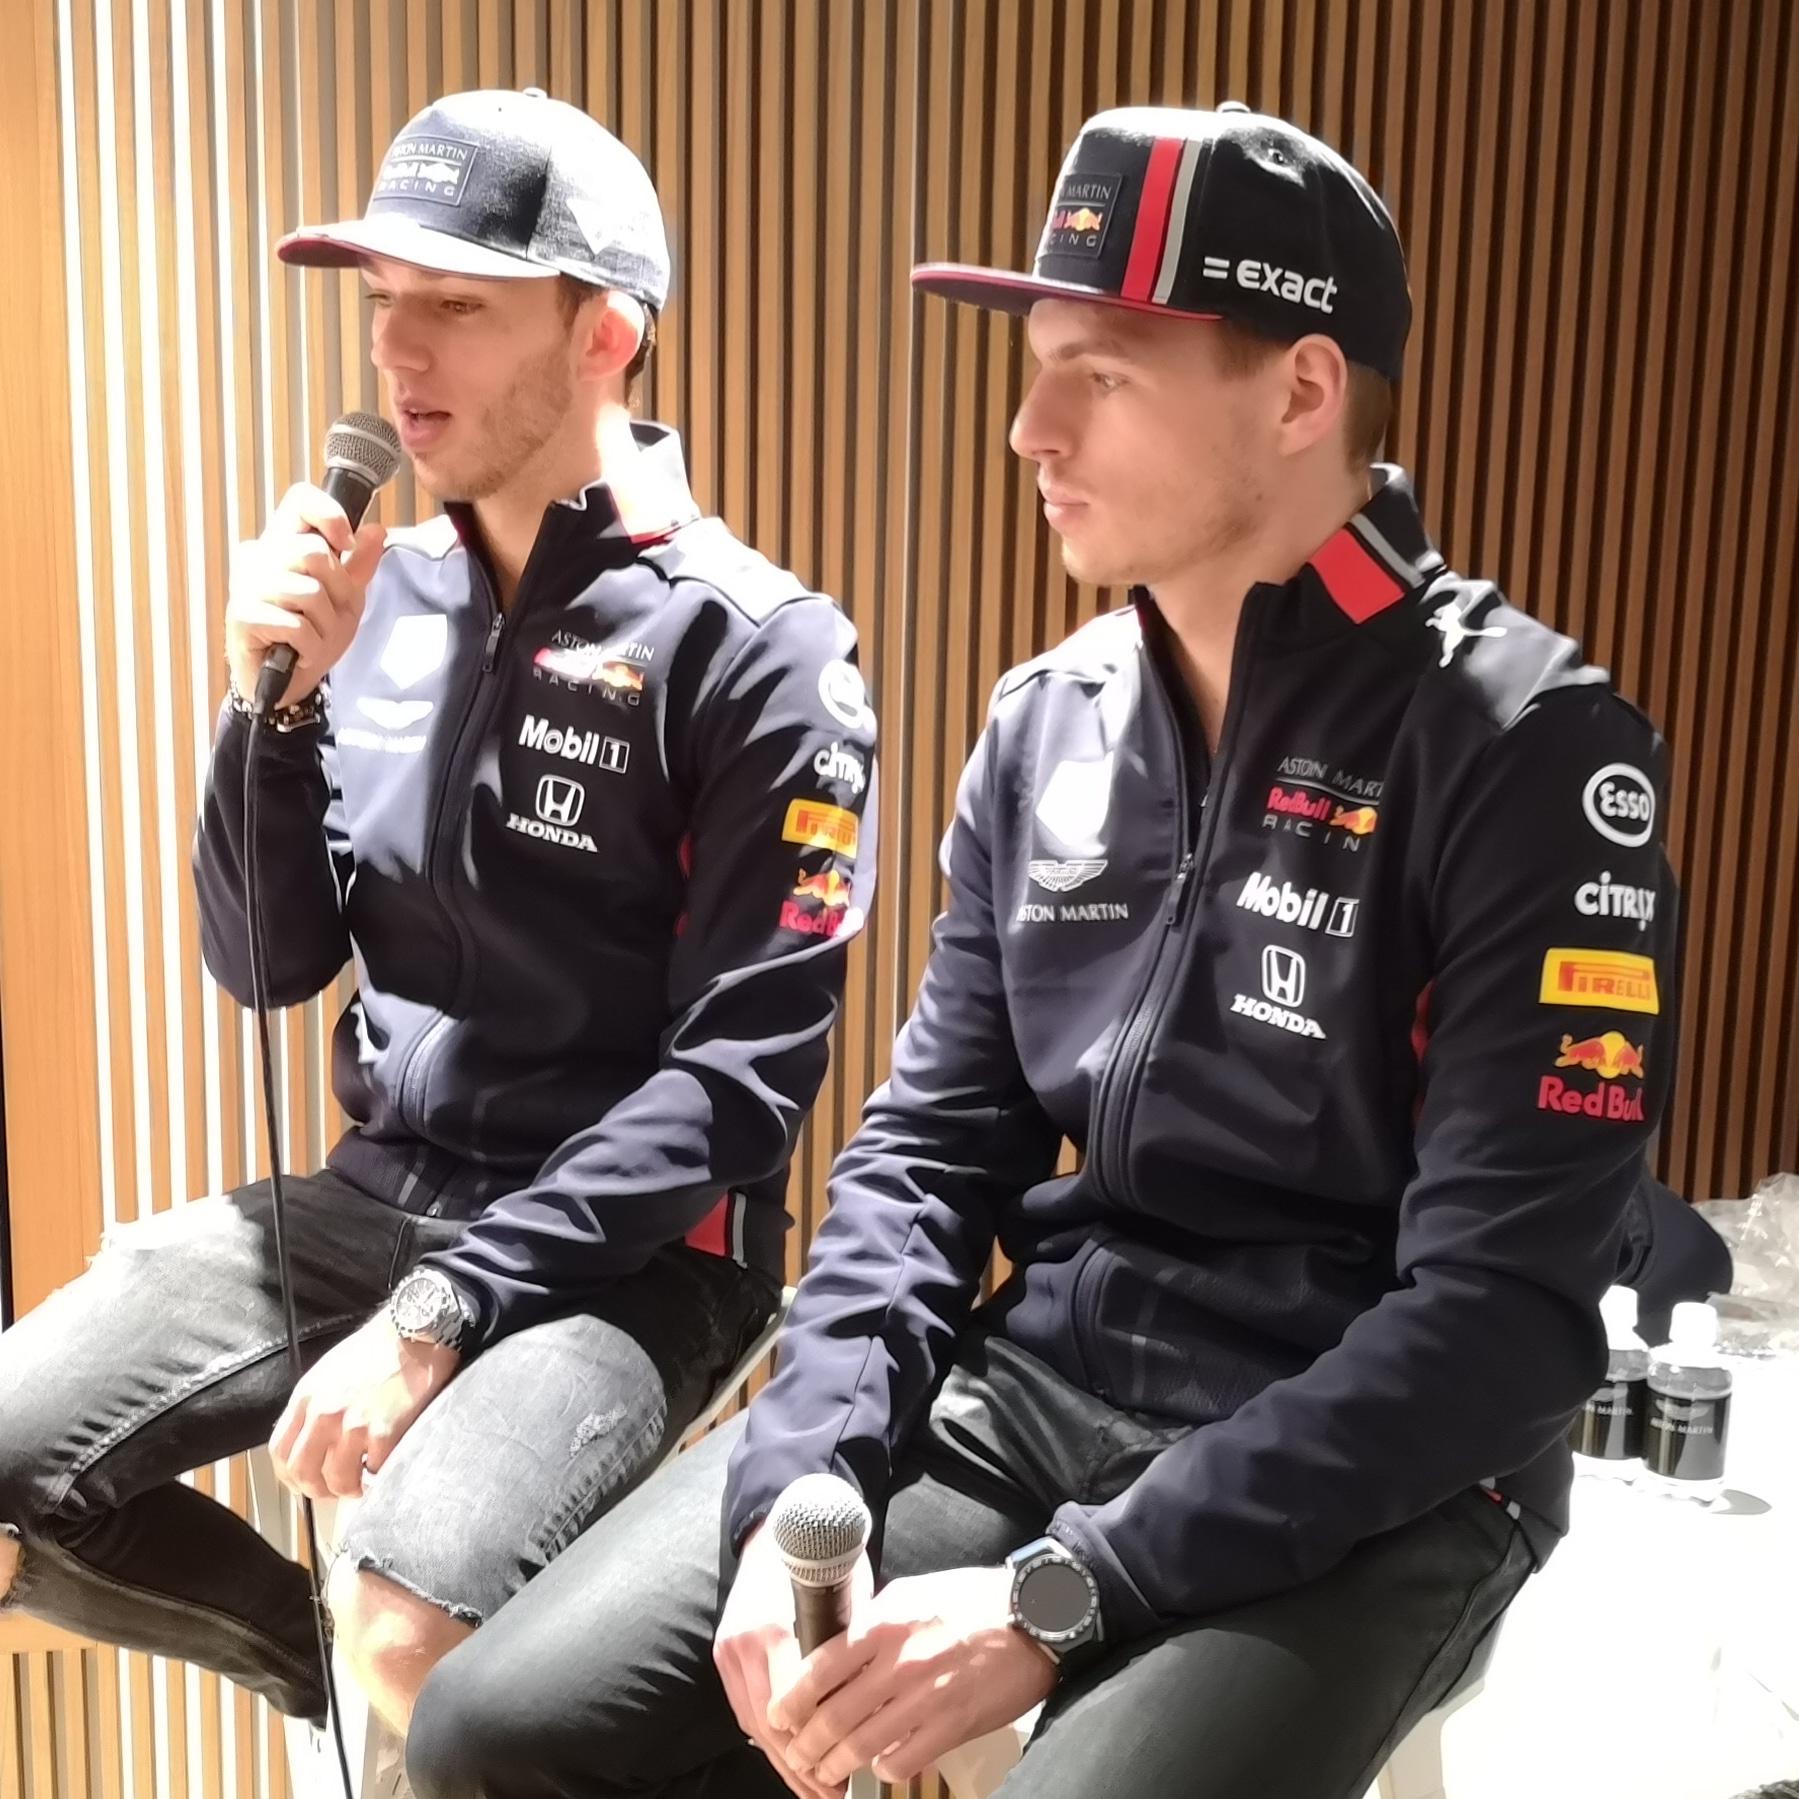 アストンマーティンが、F1開幕直前ファンイベントを開催! フェルスタッペンとガスリーも来場